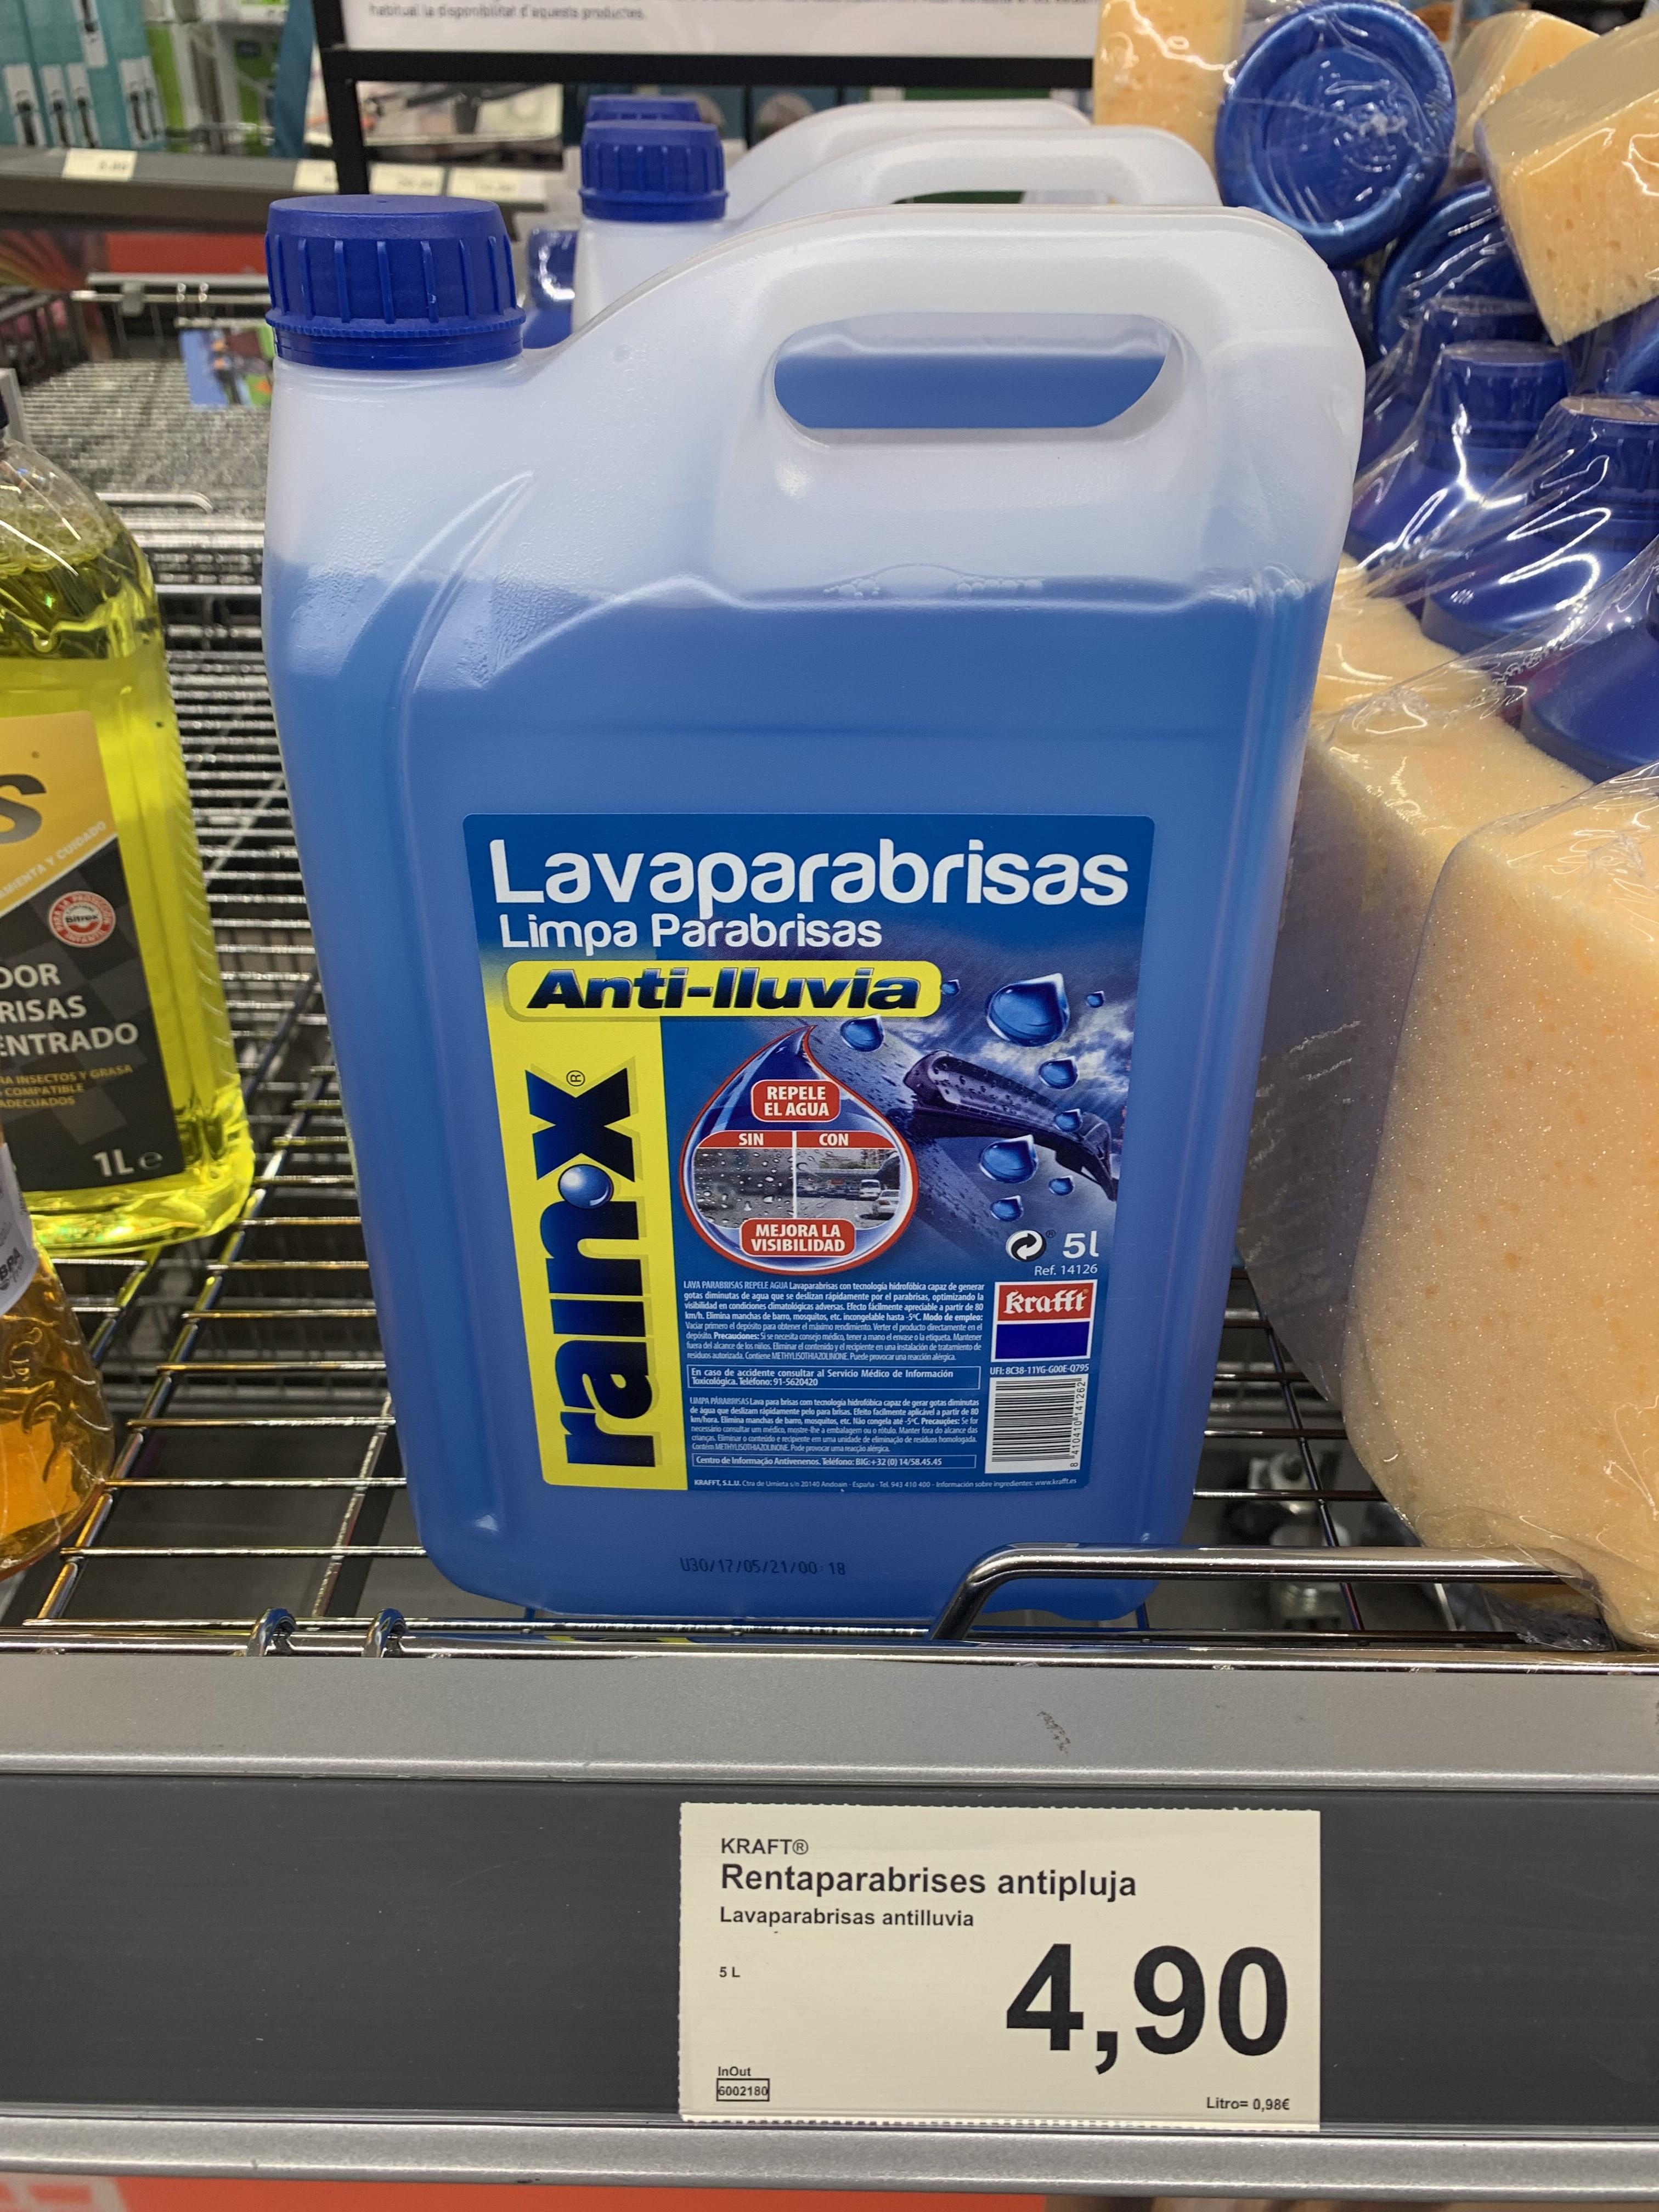 Lavaparabrisas Rain x 5L en tiendas Aldi